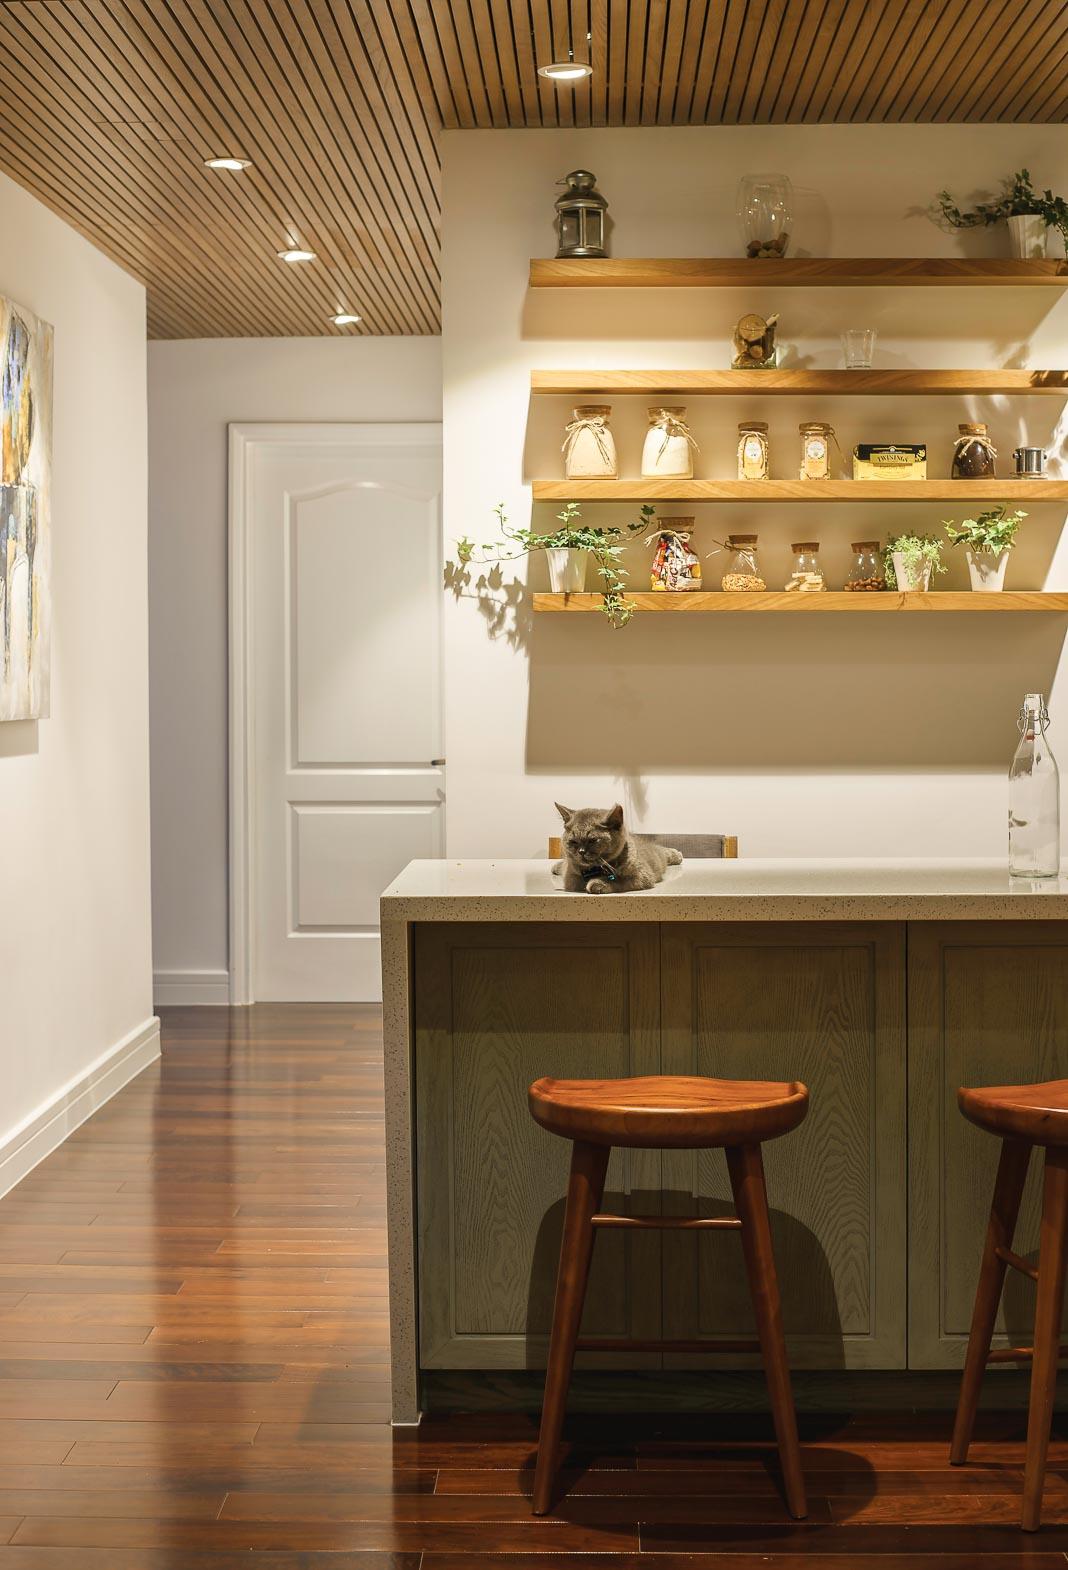 Bàn bếp và hệ thống kệ trang trí phía sau, rất đơn giản và hiệu quả